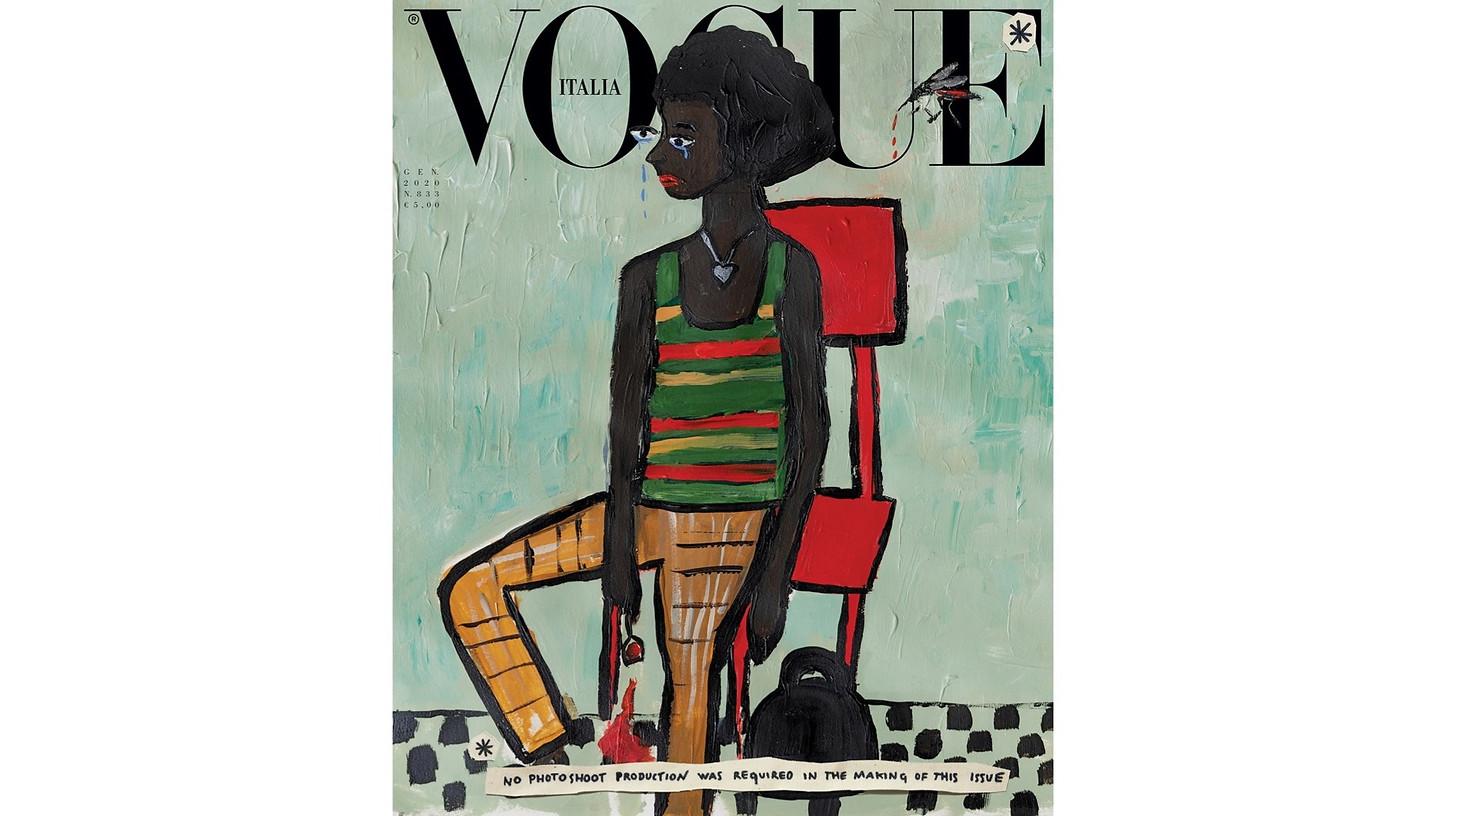 Vogue Italia Cover featuring Olivia Vinten